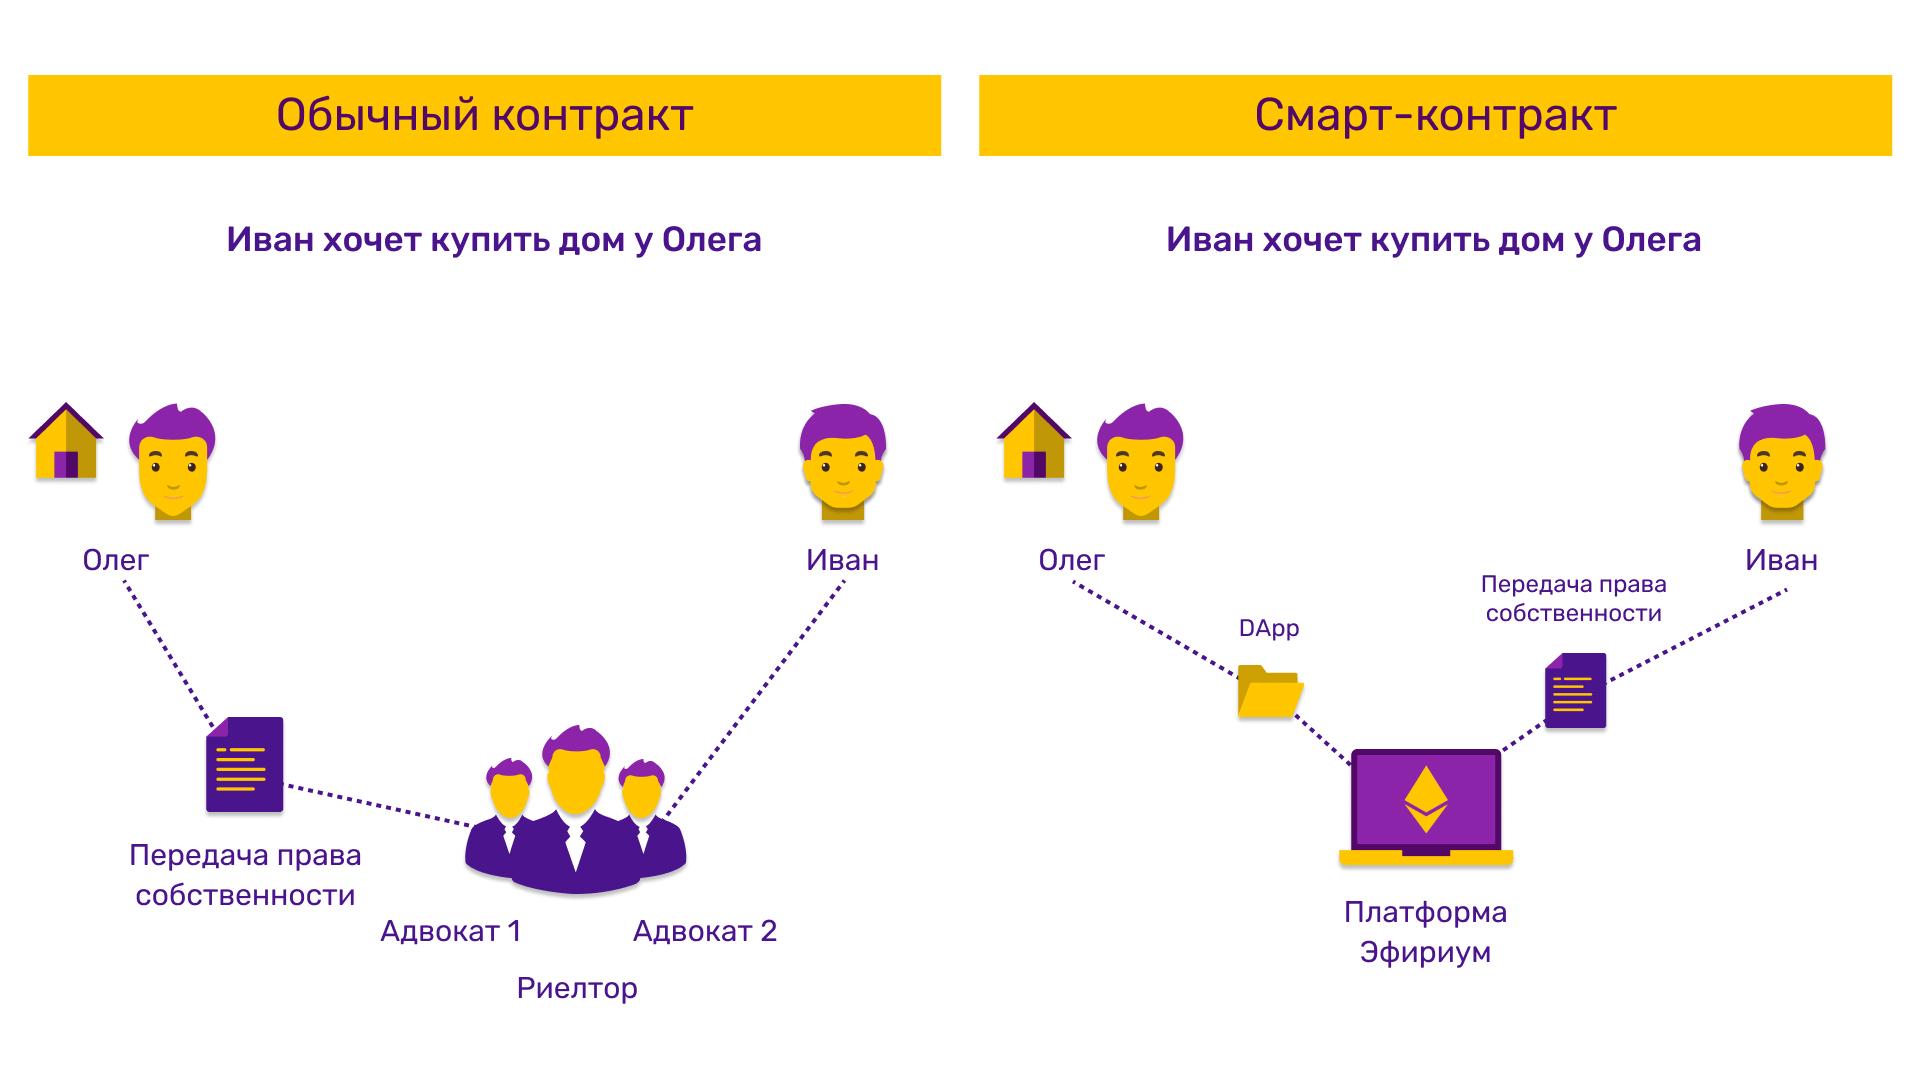 Разница между обычным и смарт-контрактом